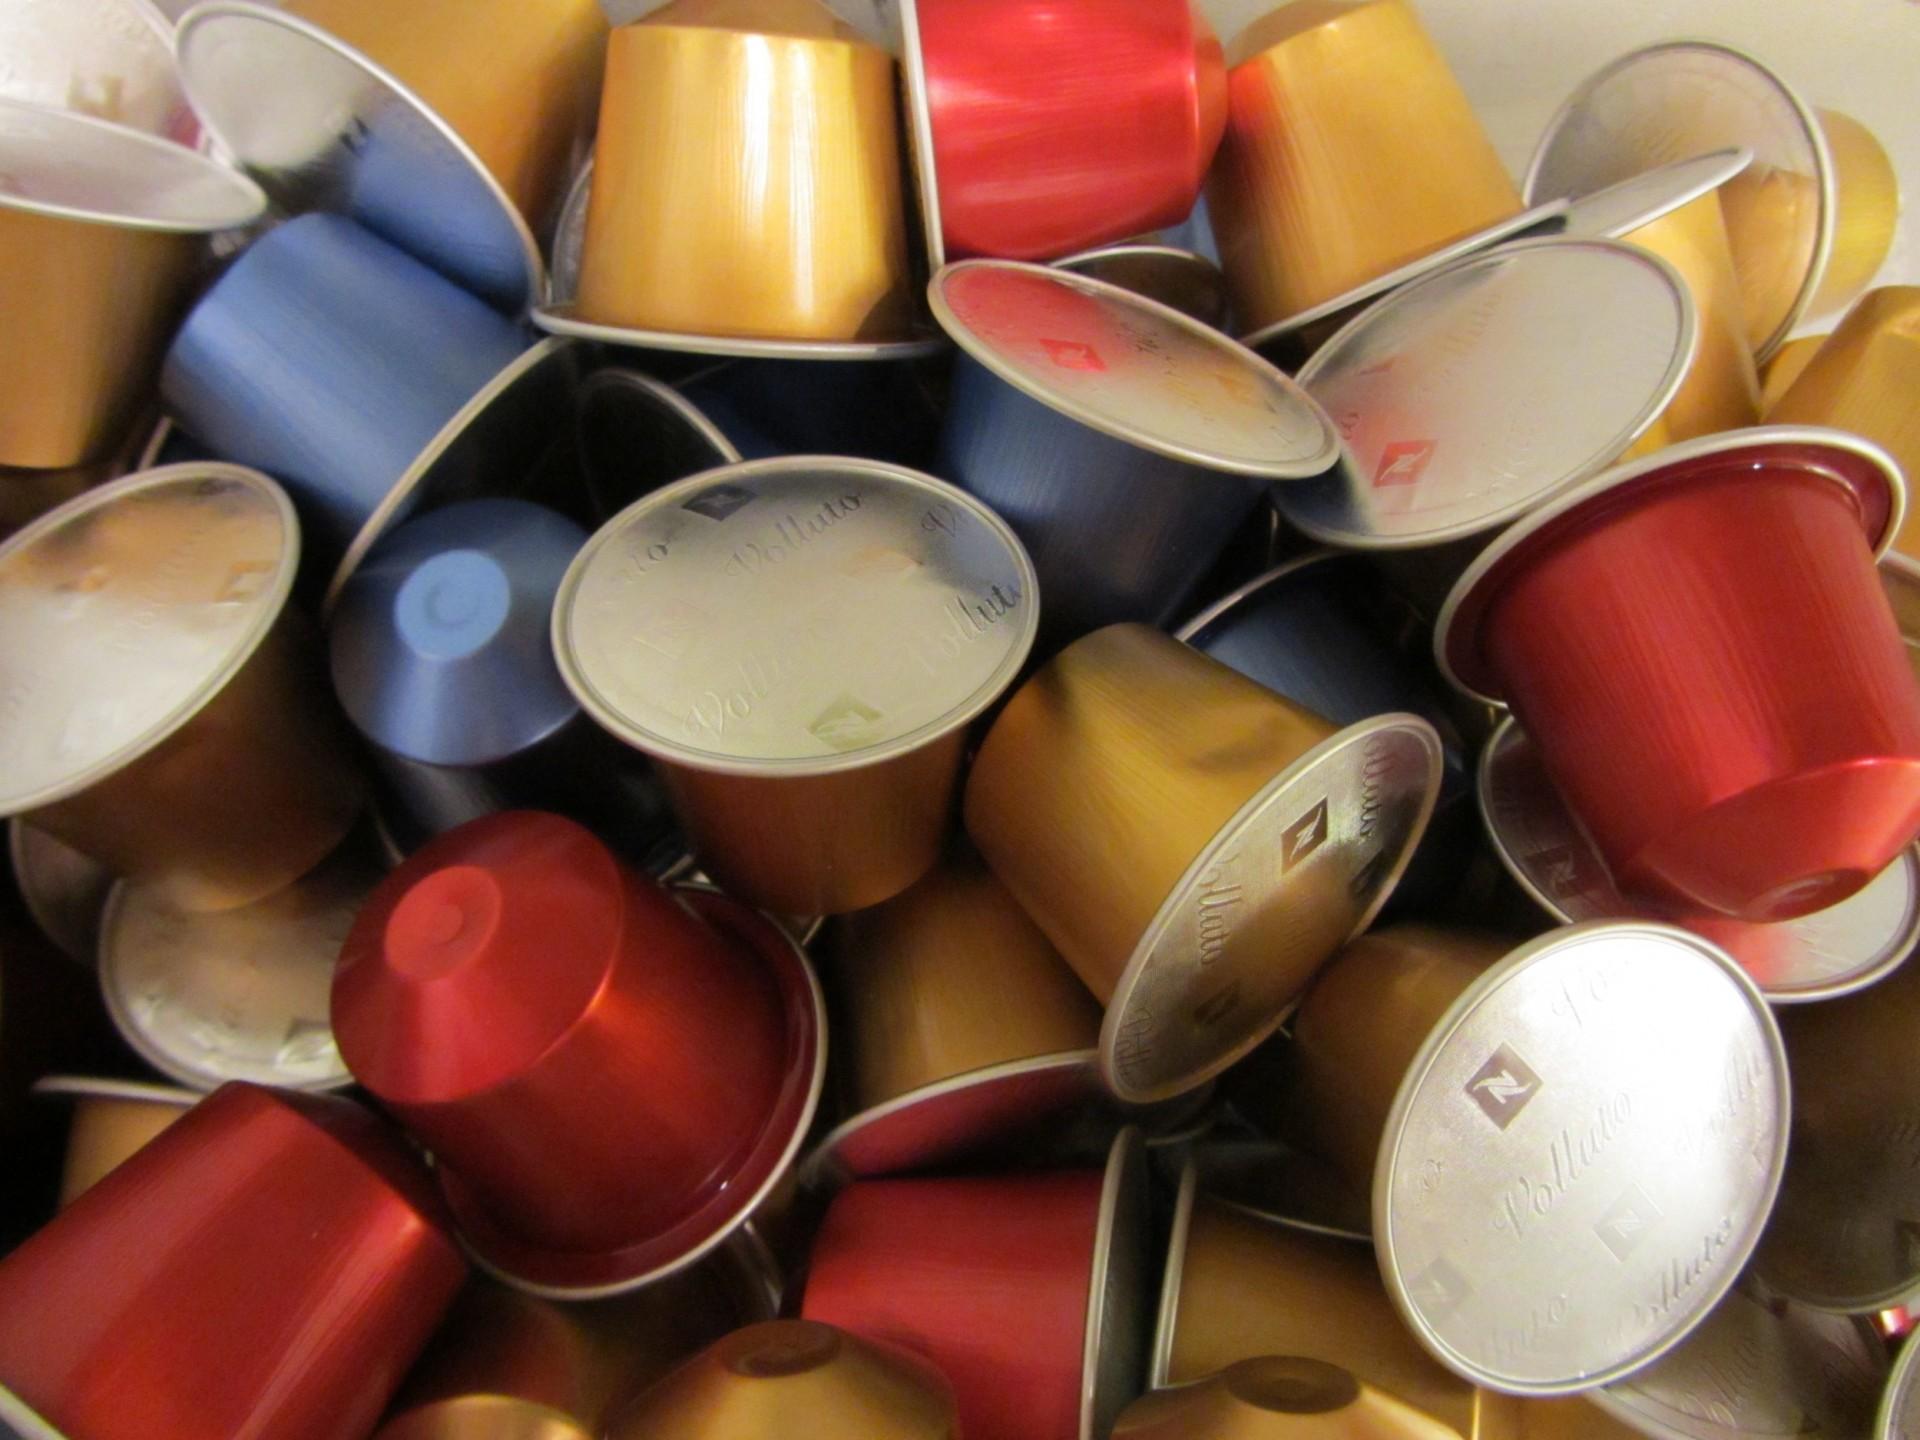 Miljarden koffiecups belanden jaarlijks bij het vuilnis